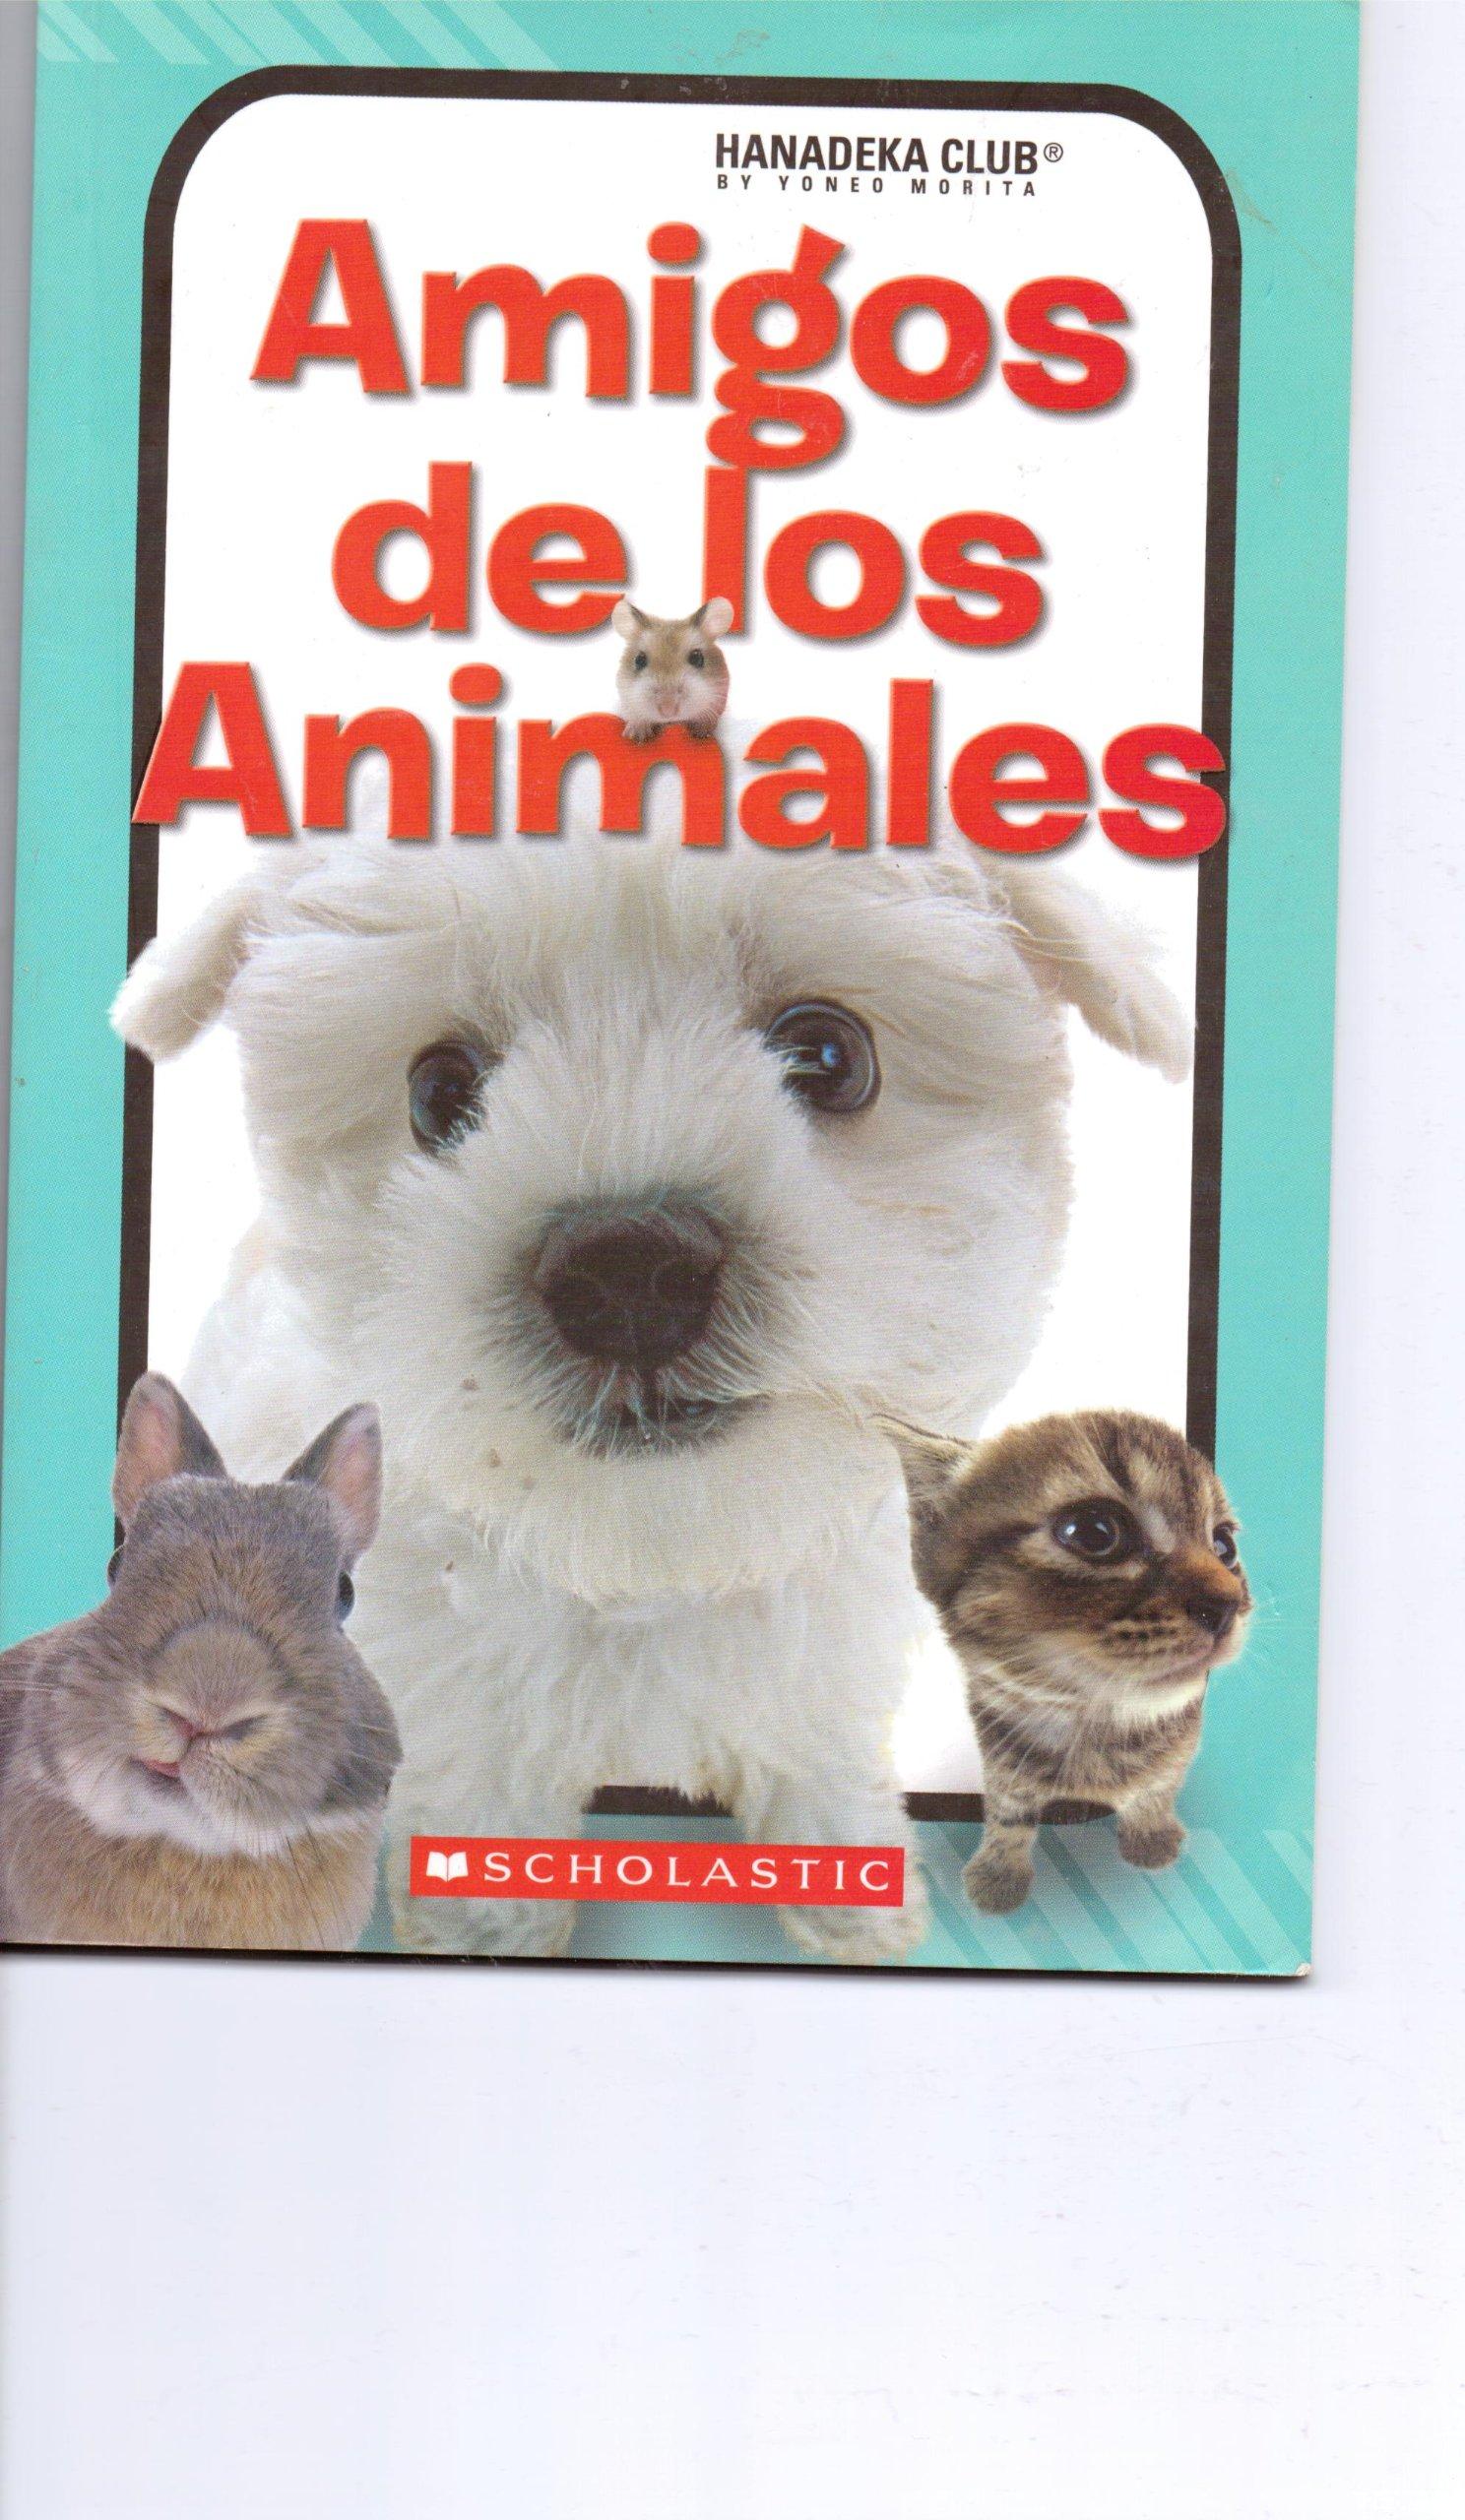 Amigos de los Animales: Yoneo Morita: 9780545175845: Amazon ...